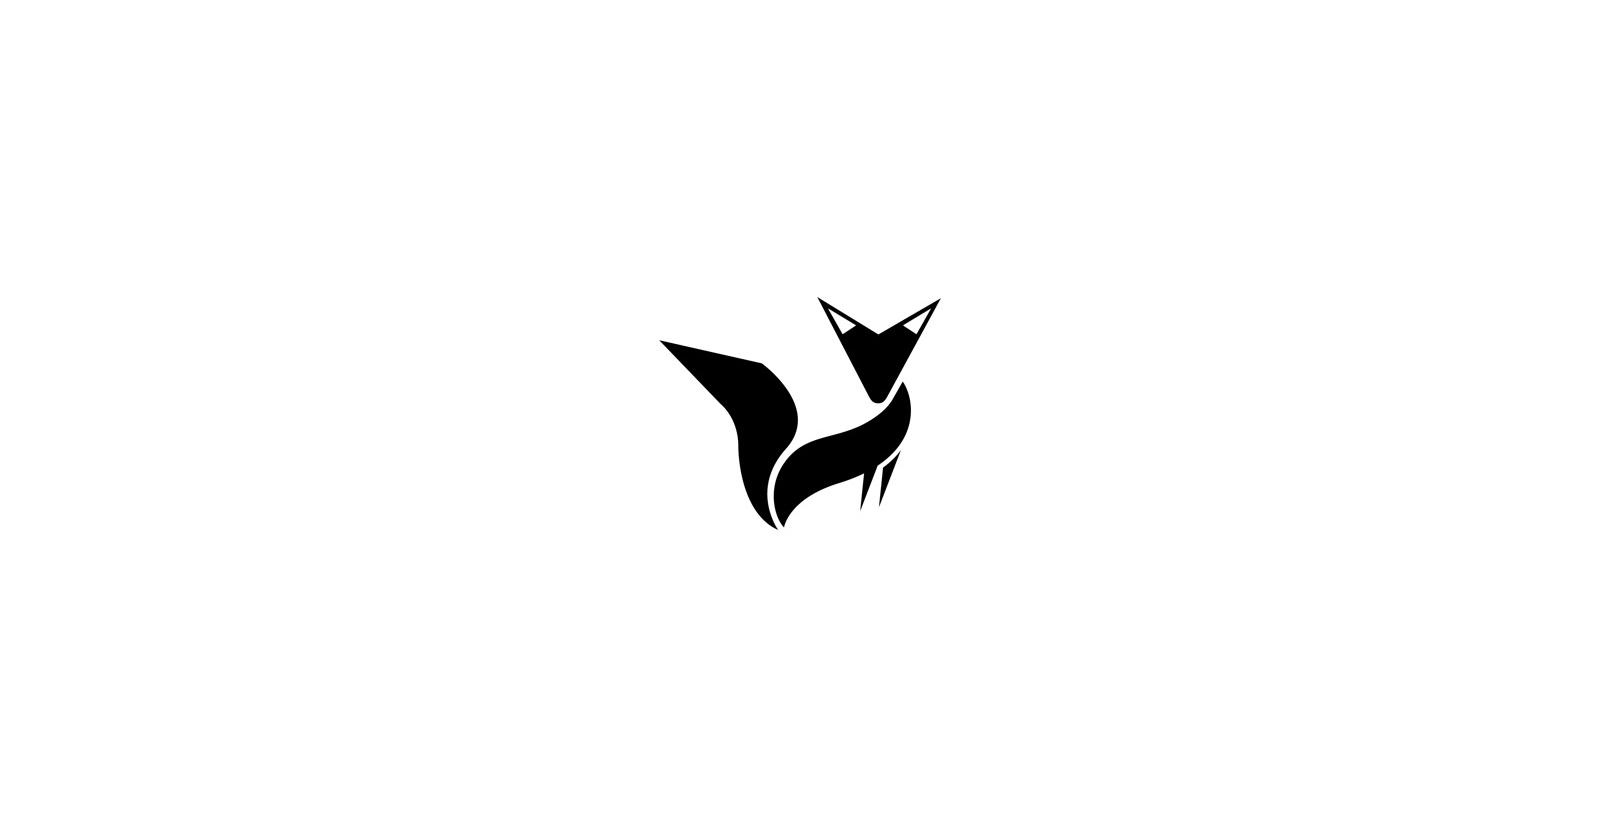 50_logos-42